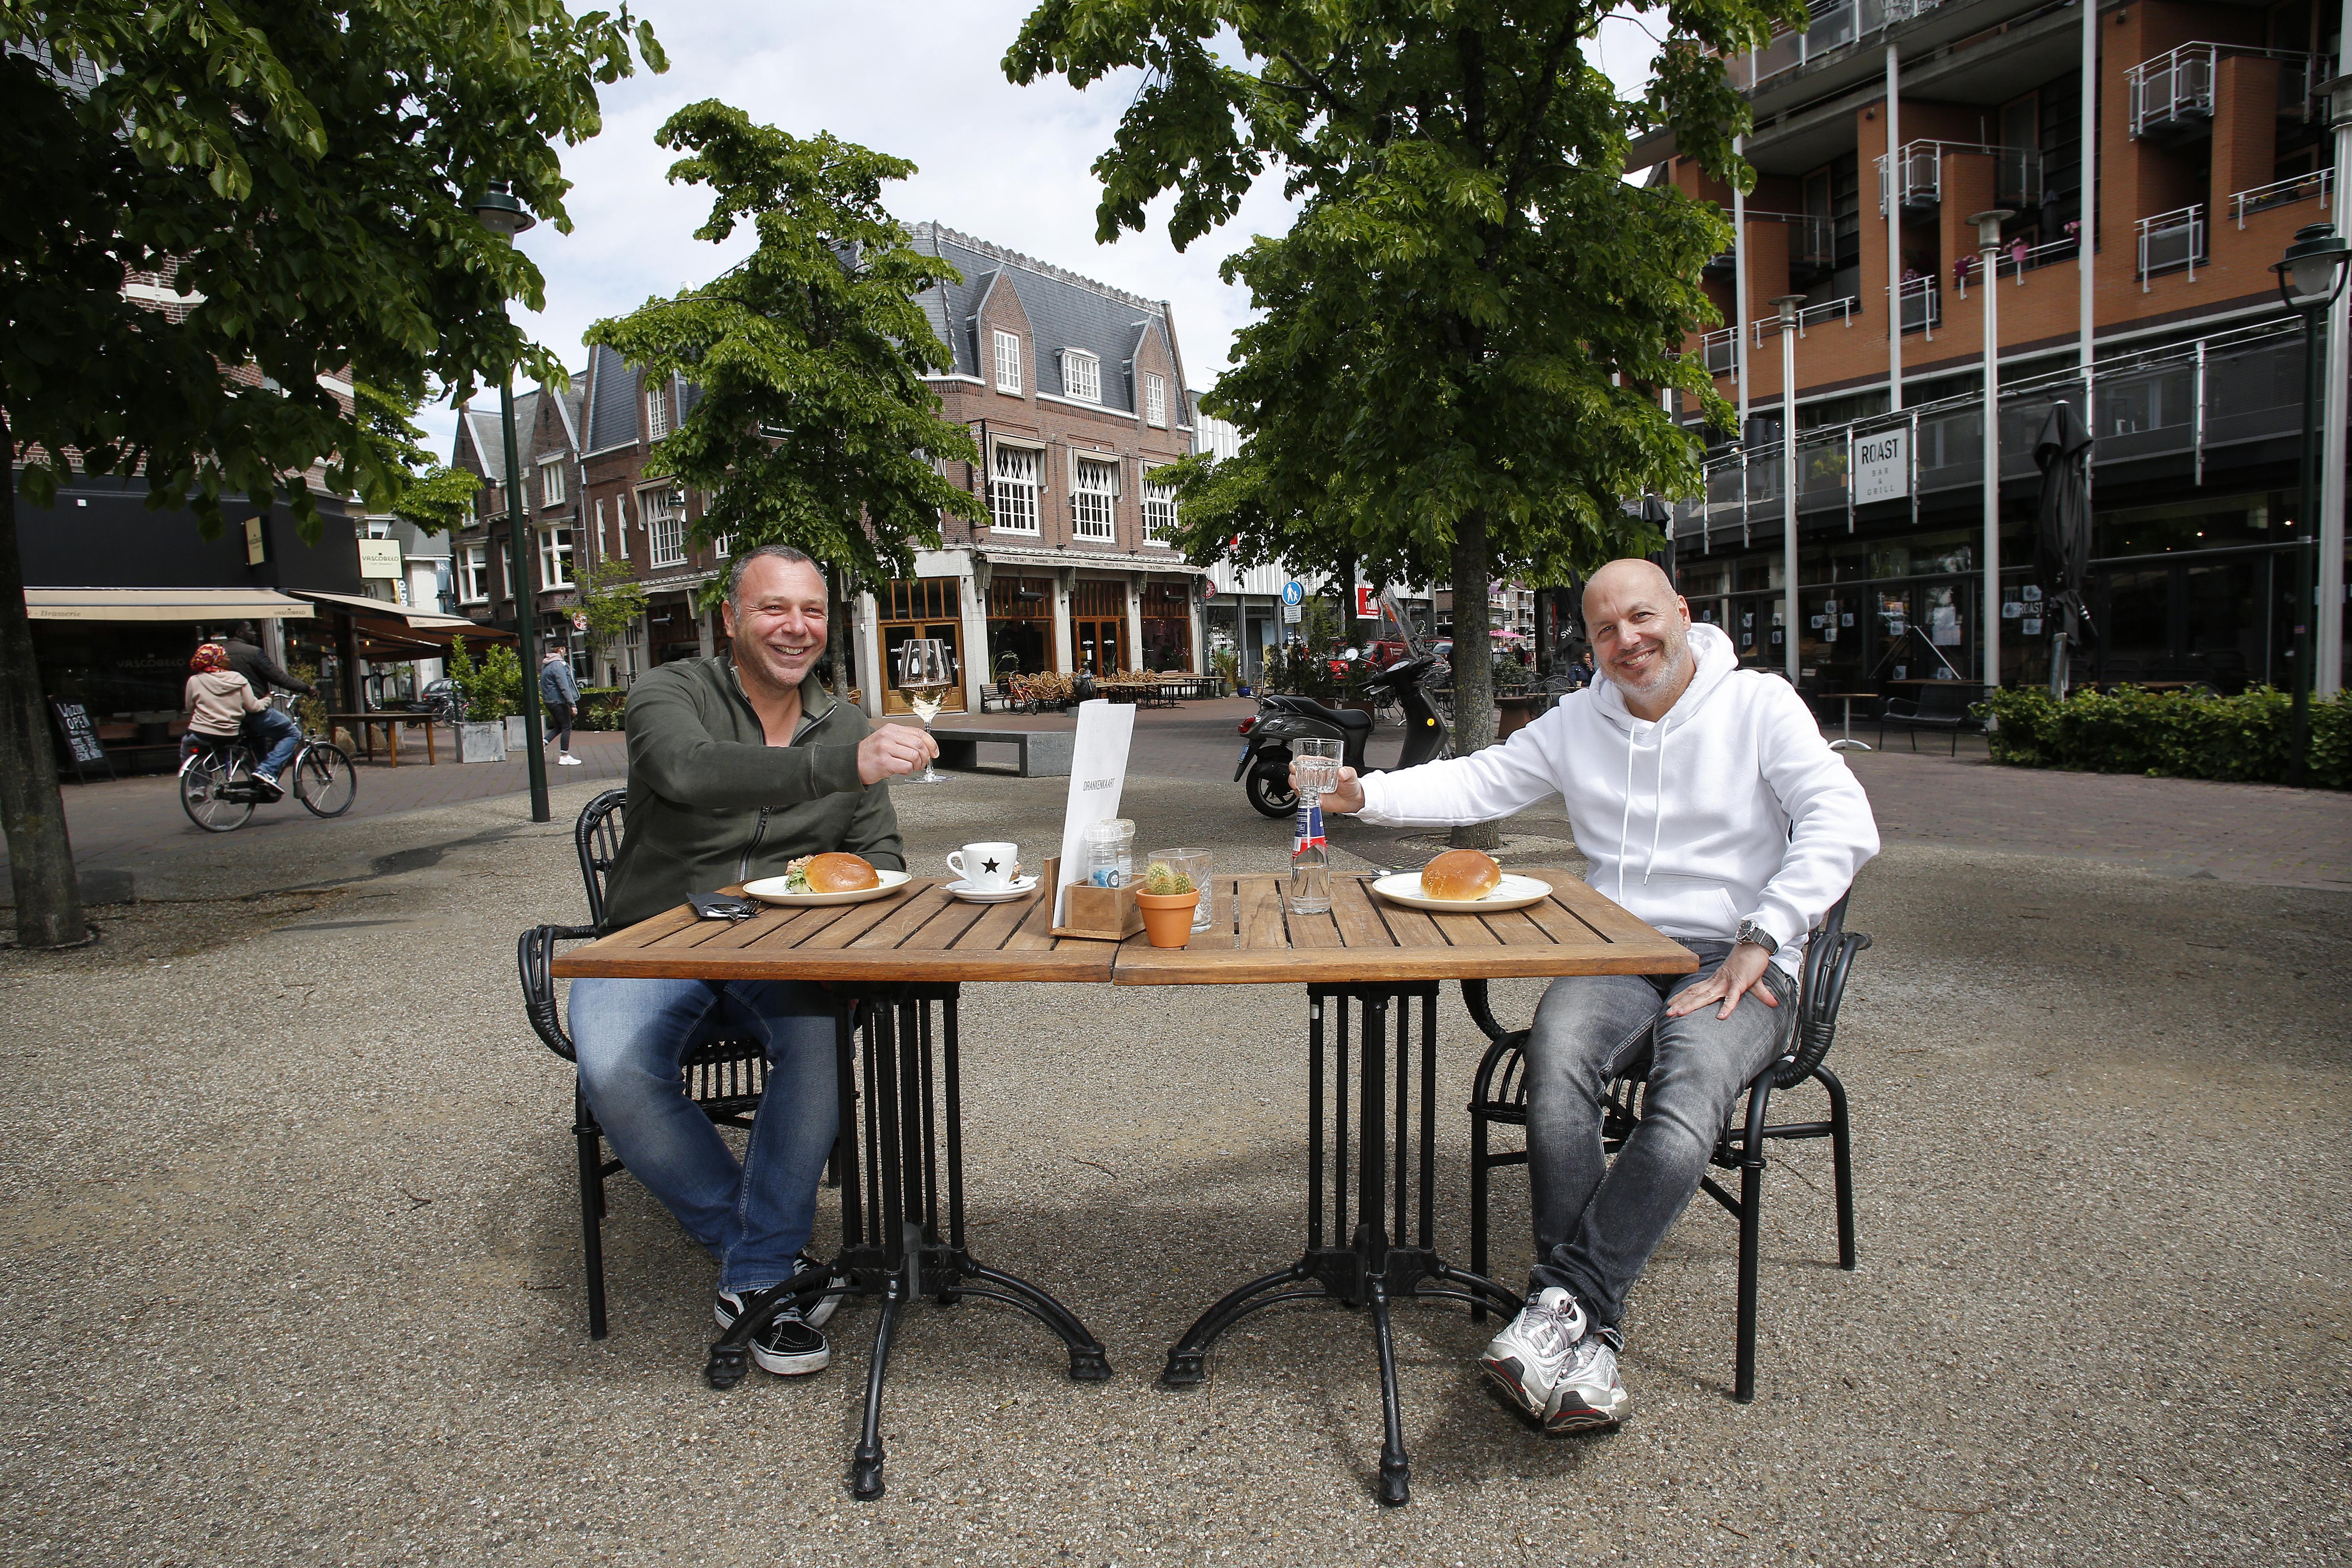 De Kerkbrink Hilversum wordt een groot terras. Horecaondernemers serveren gezamenlijk op het plein. Groest mogelijk fietsvrij